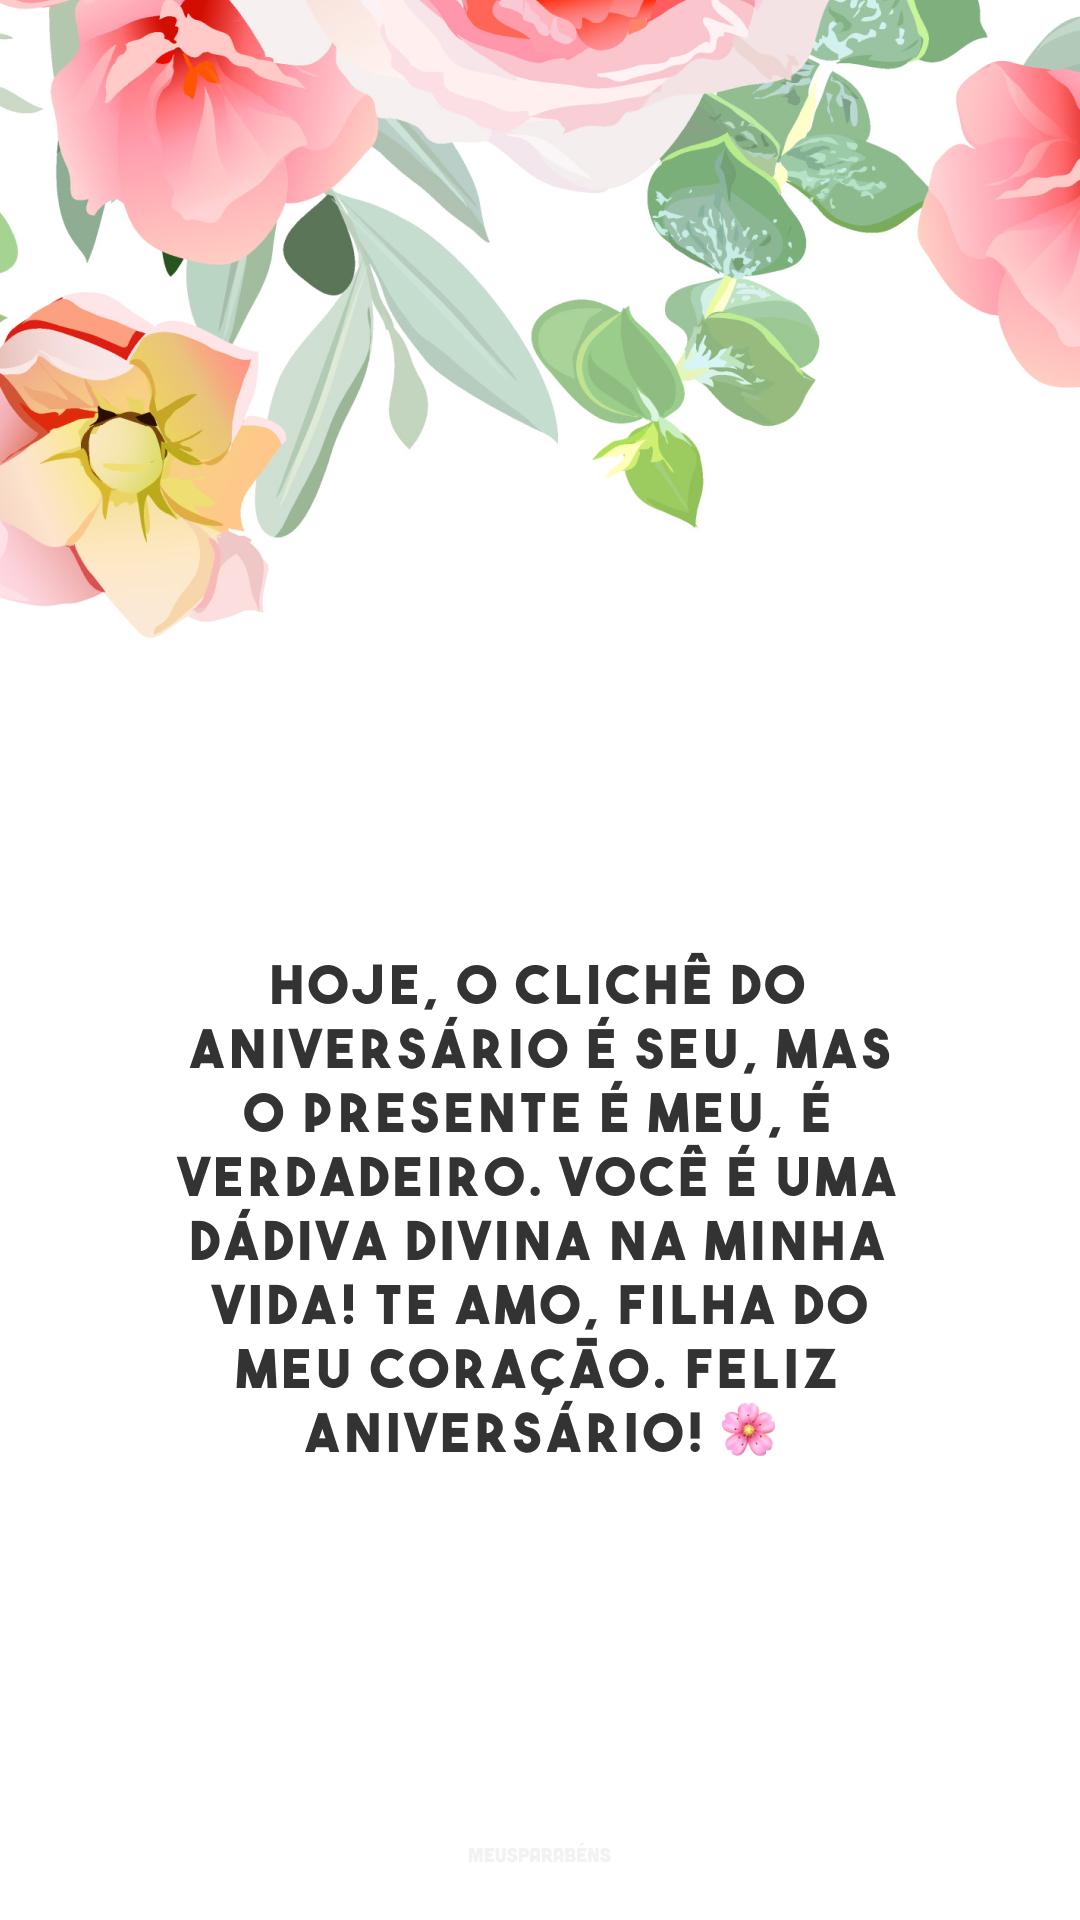 Hoje, o clichê do aniversário é seu, mas o presente é meu, é verdadeiro. Você é uma dádiva divina na minha vida! Te amo, filha do meu coração. Feliz aniversário! 🌸